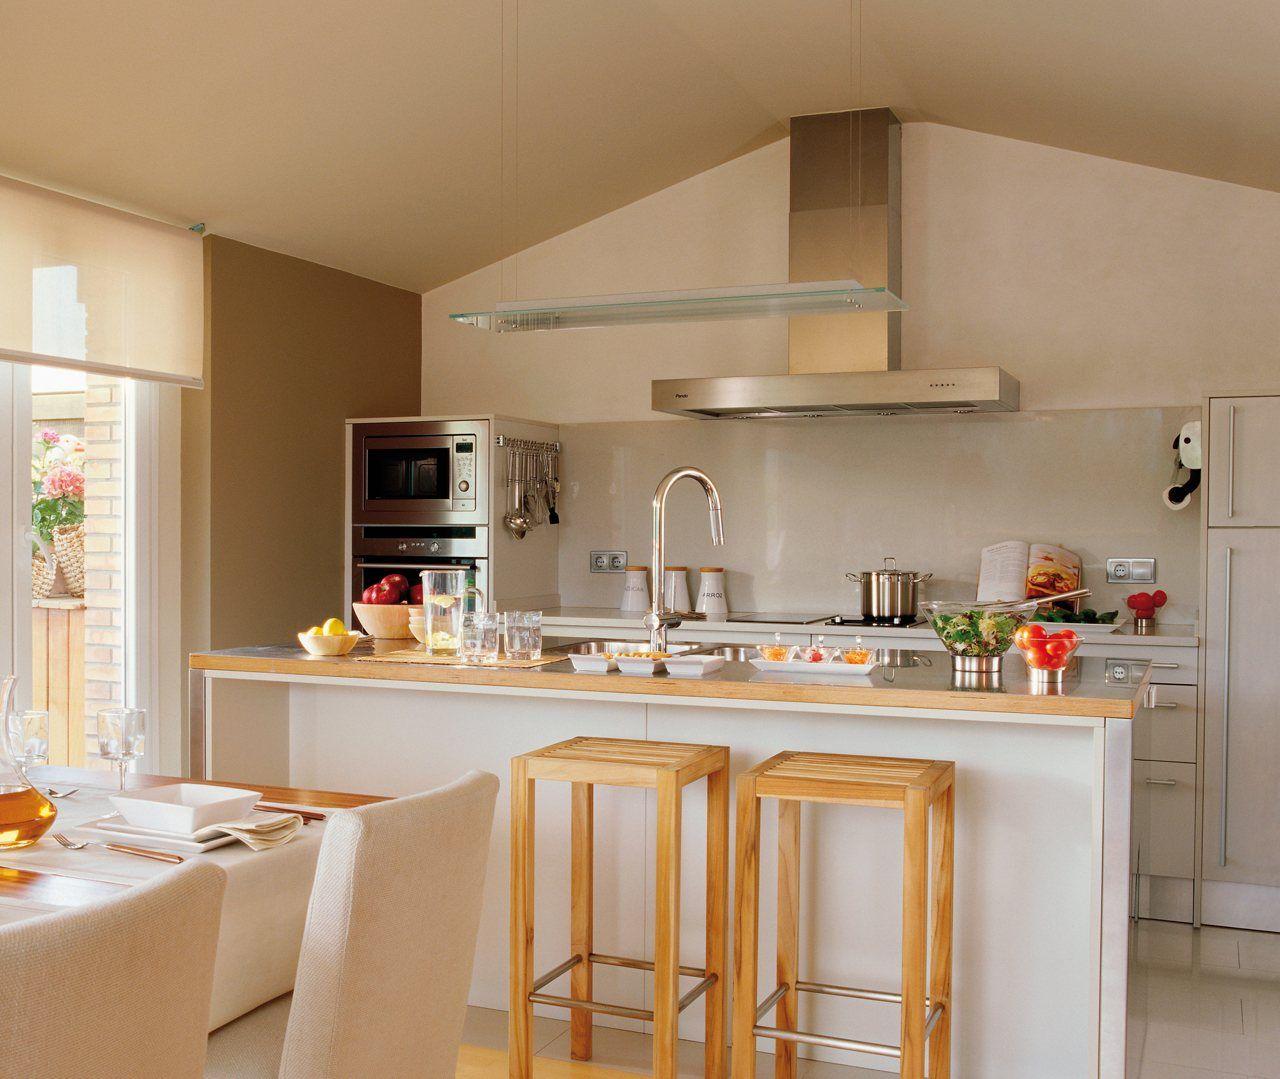 Pin de Gabriela en Cocina | Pinterest | Cocinas, Cocinas pequeñas y ...